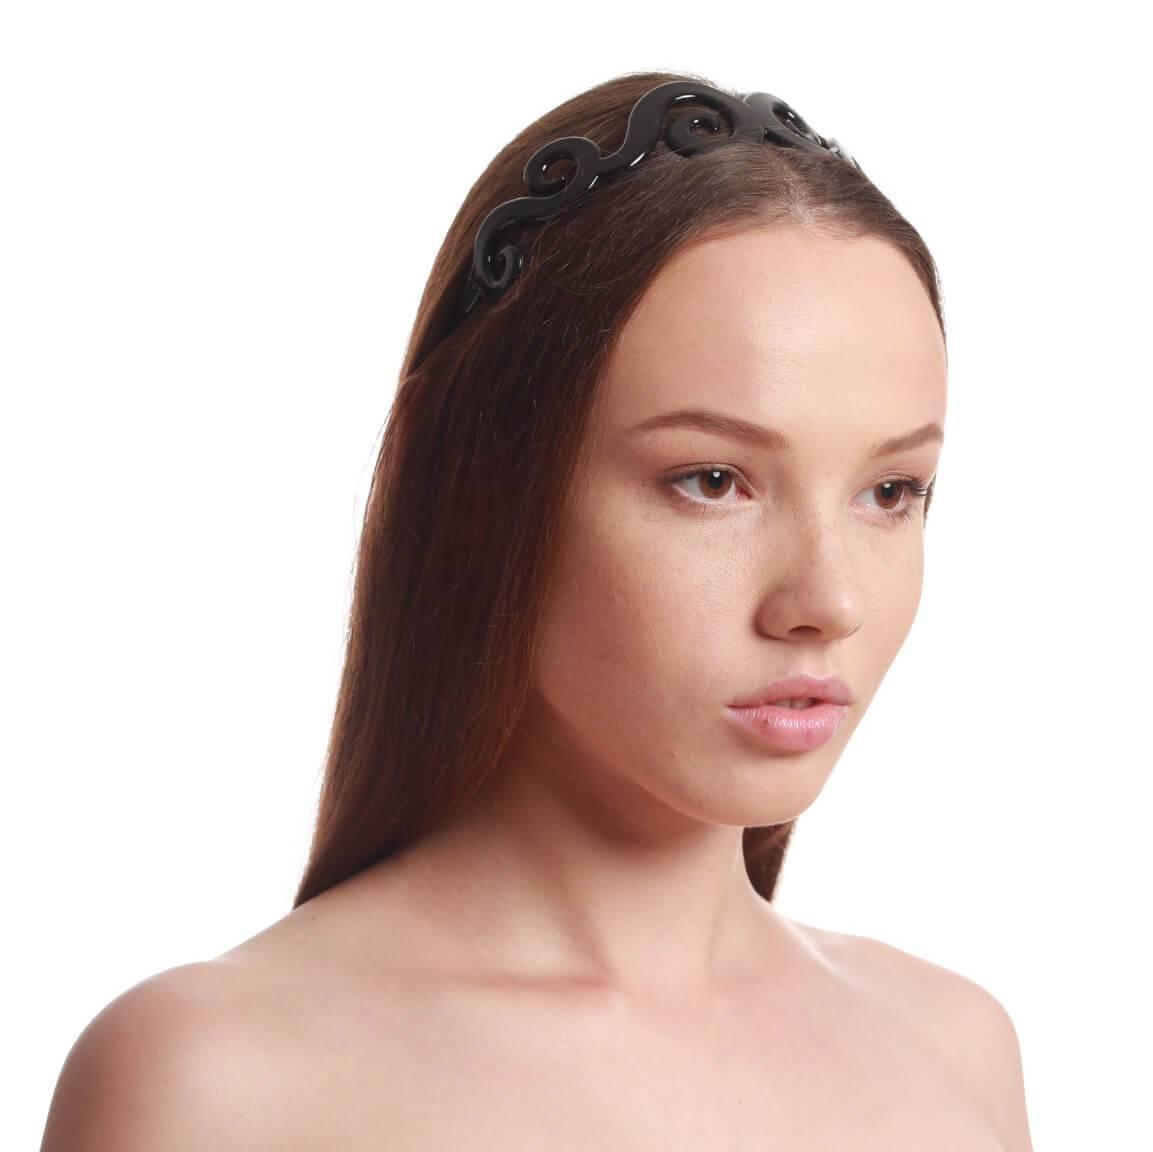 model with headband 4